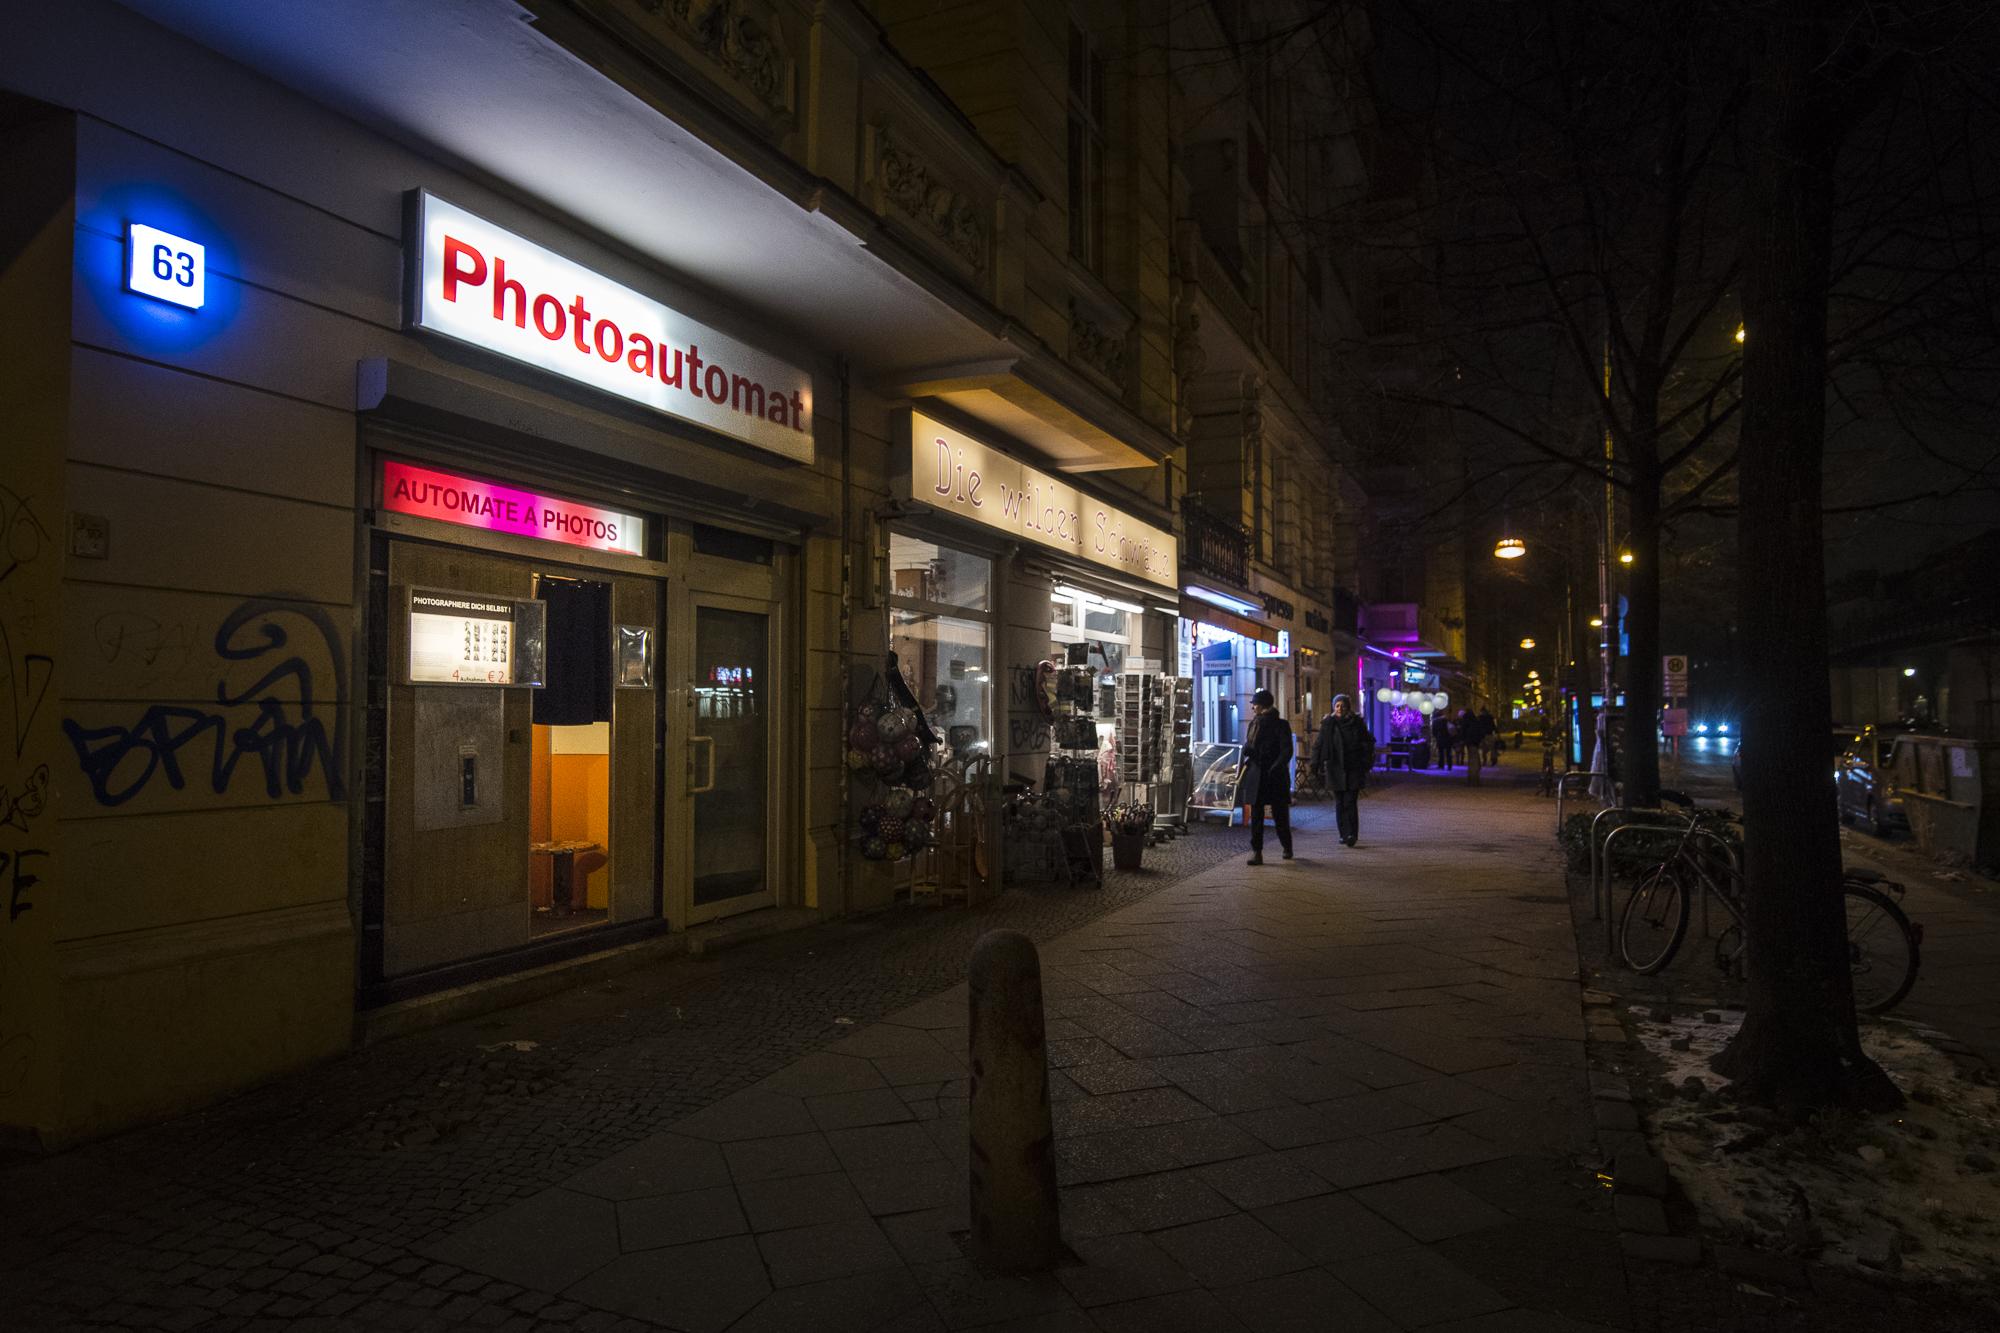 Schönhauser Allee 63  PHOTOGRAPHY: ALEXANDER J.E. BRADLEY • NIKON D500 • AF-S NIKKOR 14-24MM F/2.8G ED @ 14MM • F/2.8 • 1/200 • ISO 1600